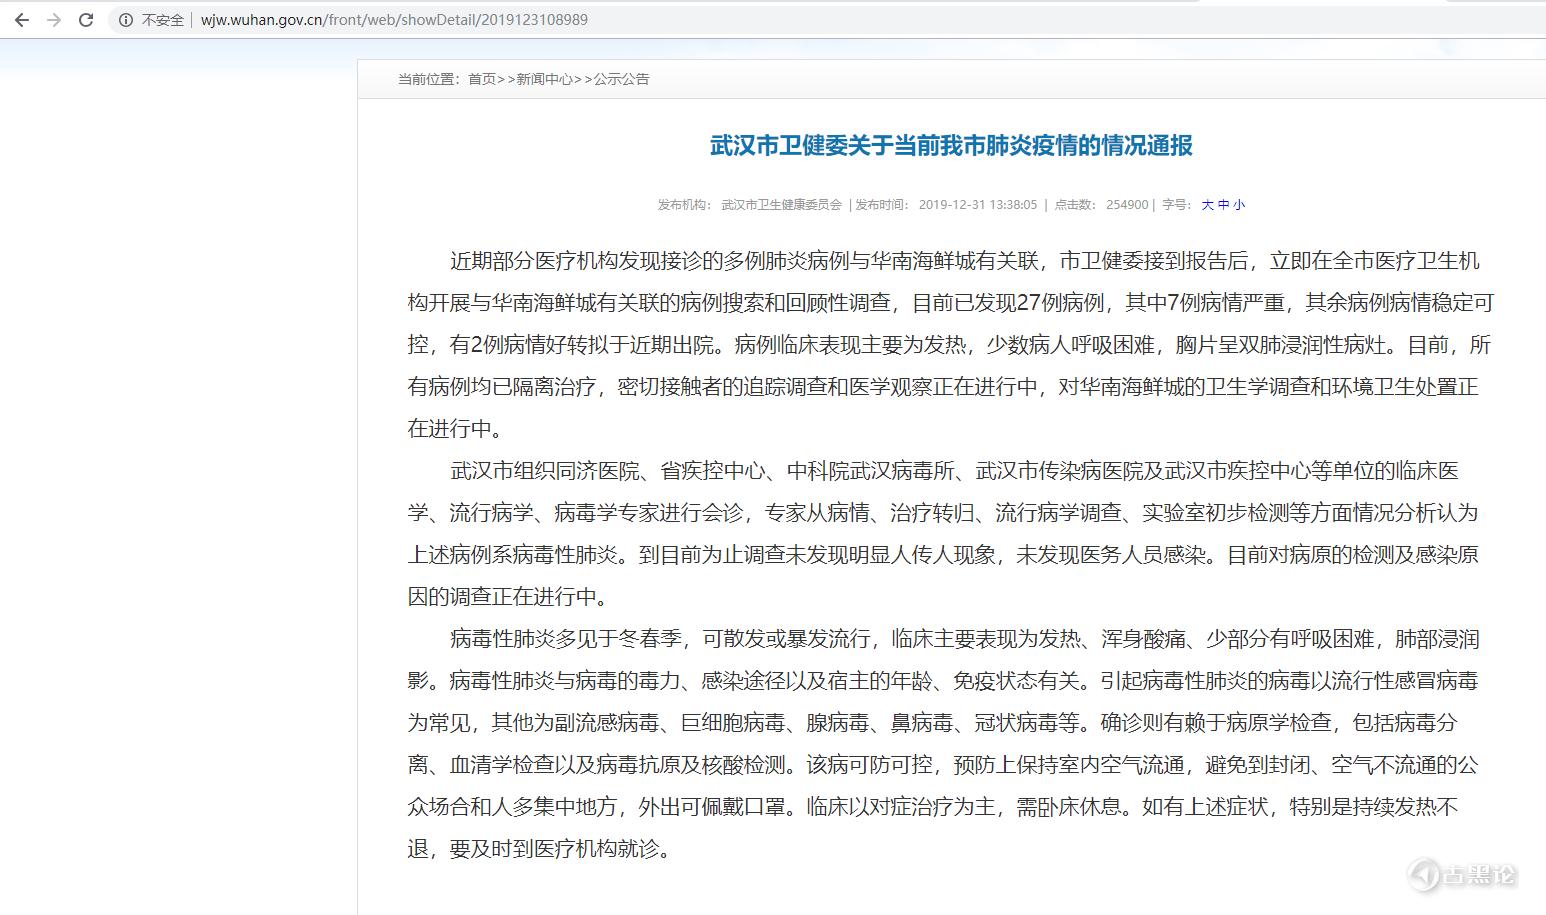 武汉新型冠状病毒初期相关事件及流言部分收录 8.png